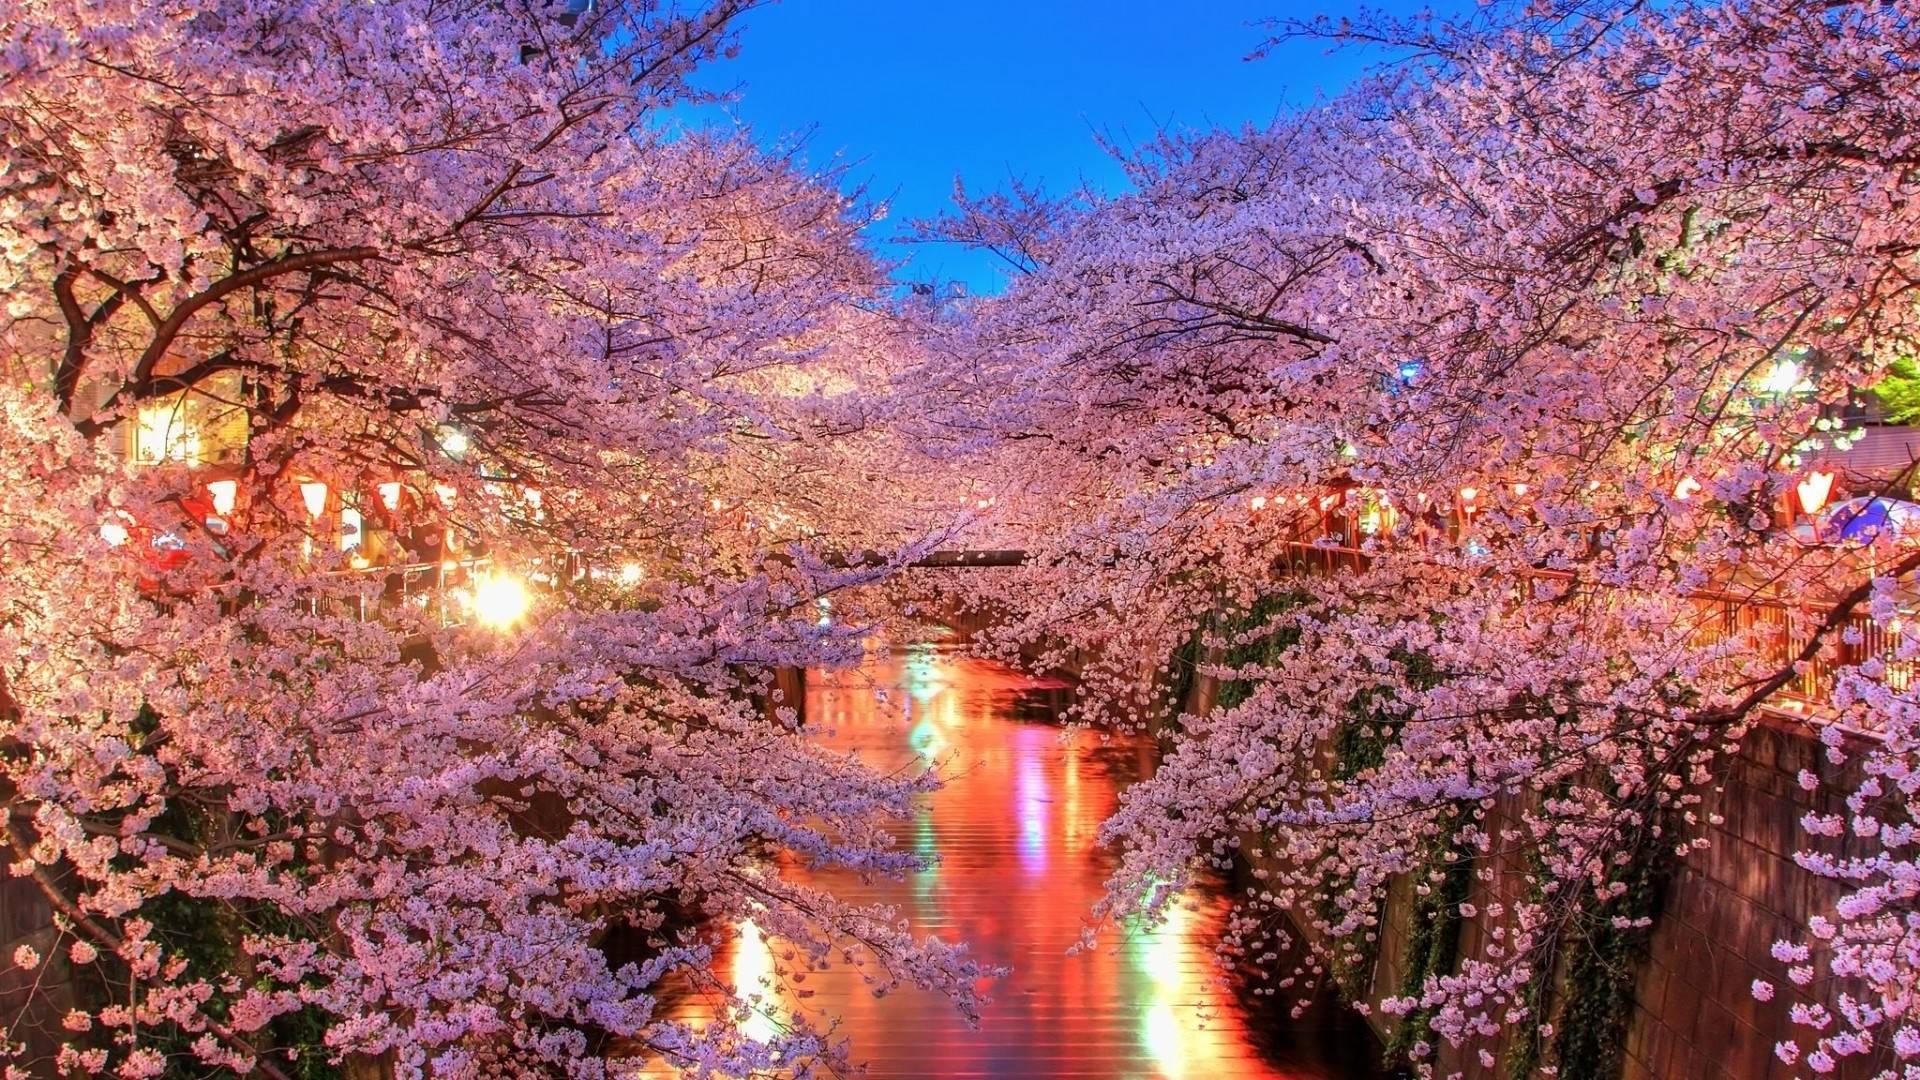 Hoa anh đào nở rộ khi vào mùa lễ hội Hanami